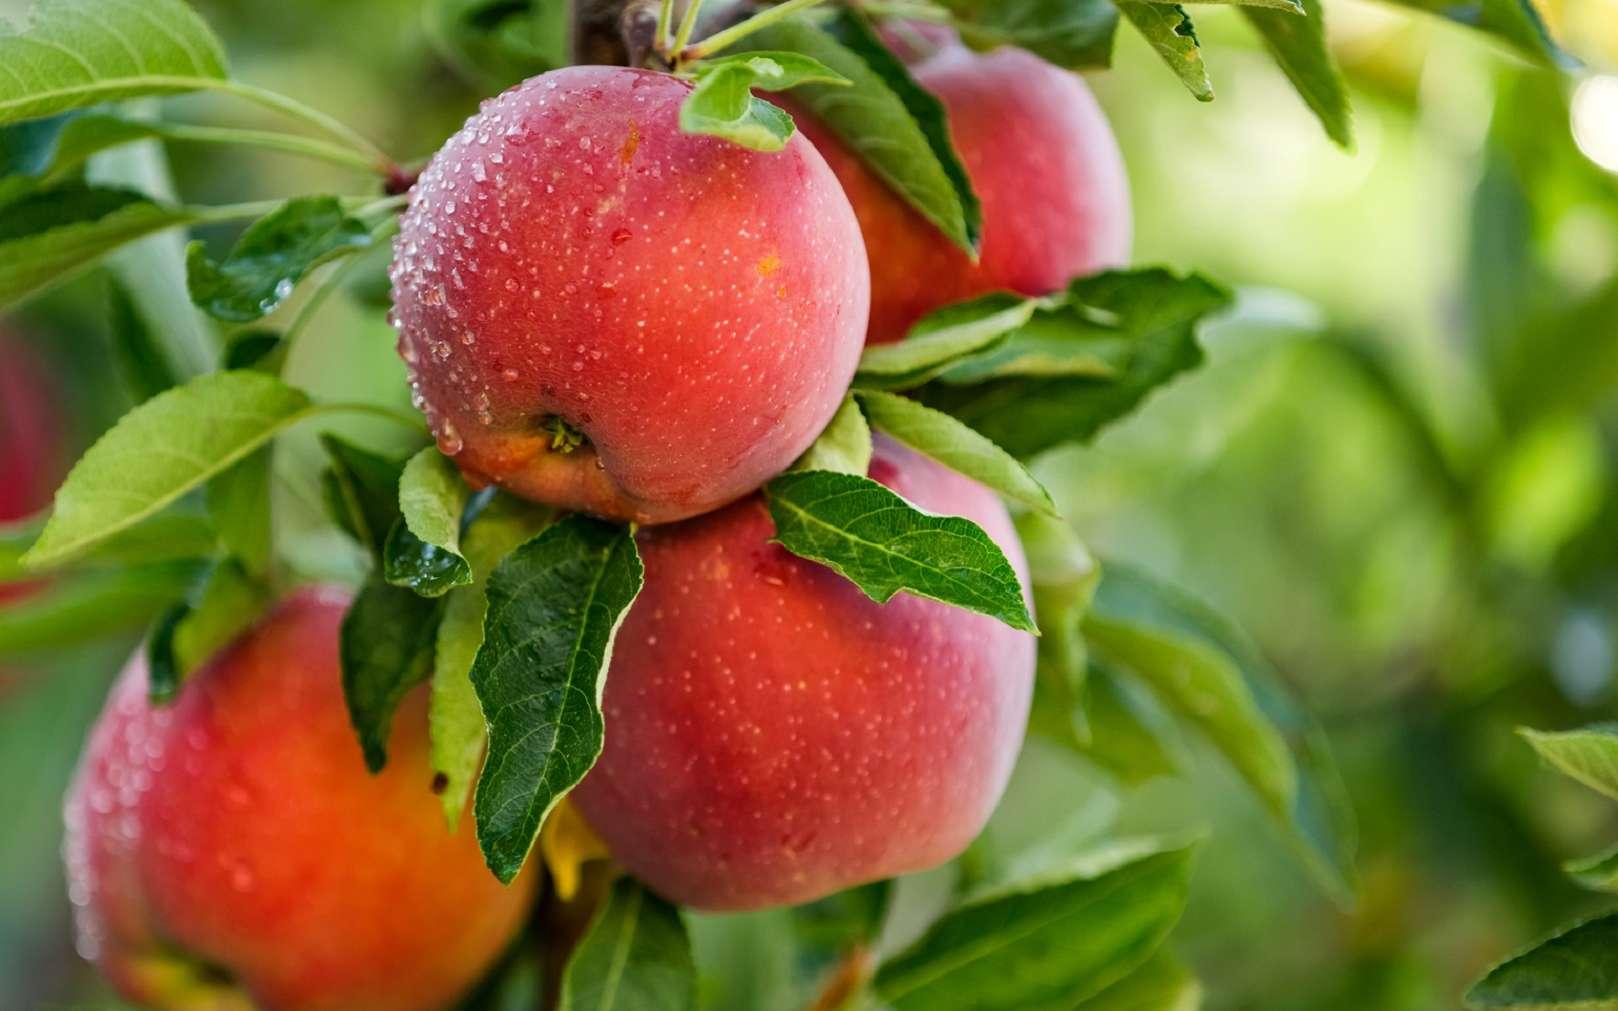 La pomme est l'un des fruits les plus consommés au monde. © Mariusz Blach, Fotolia